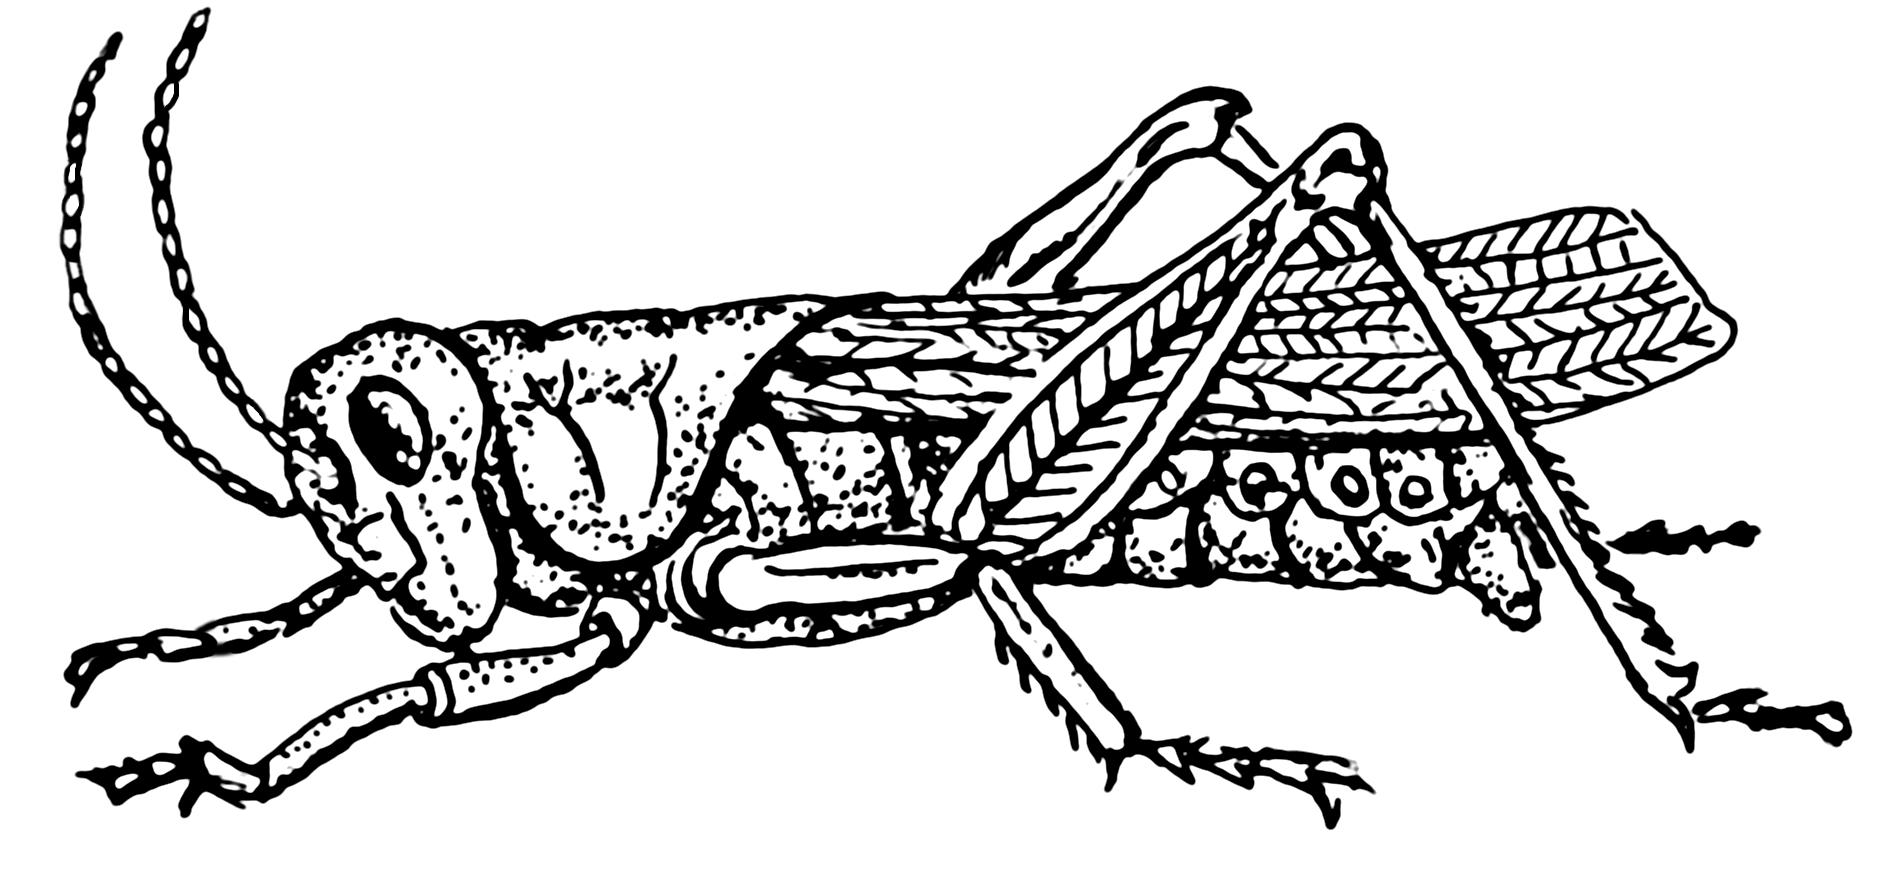 Grasshopper_2_